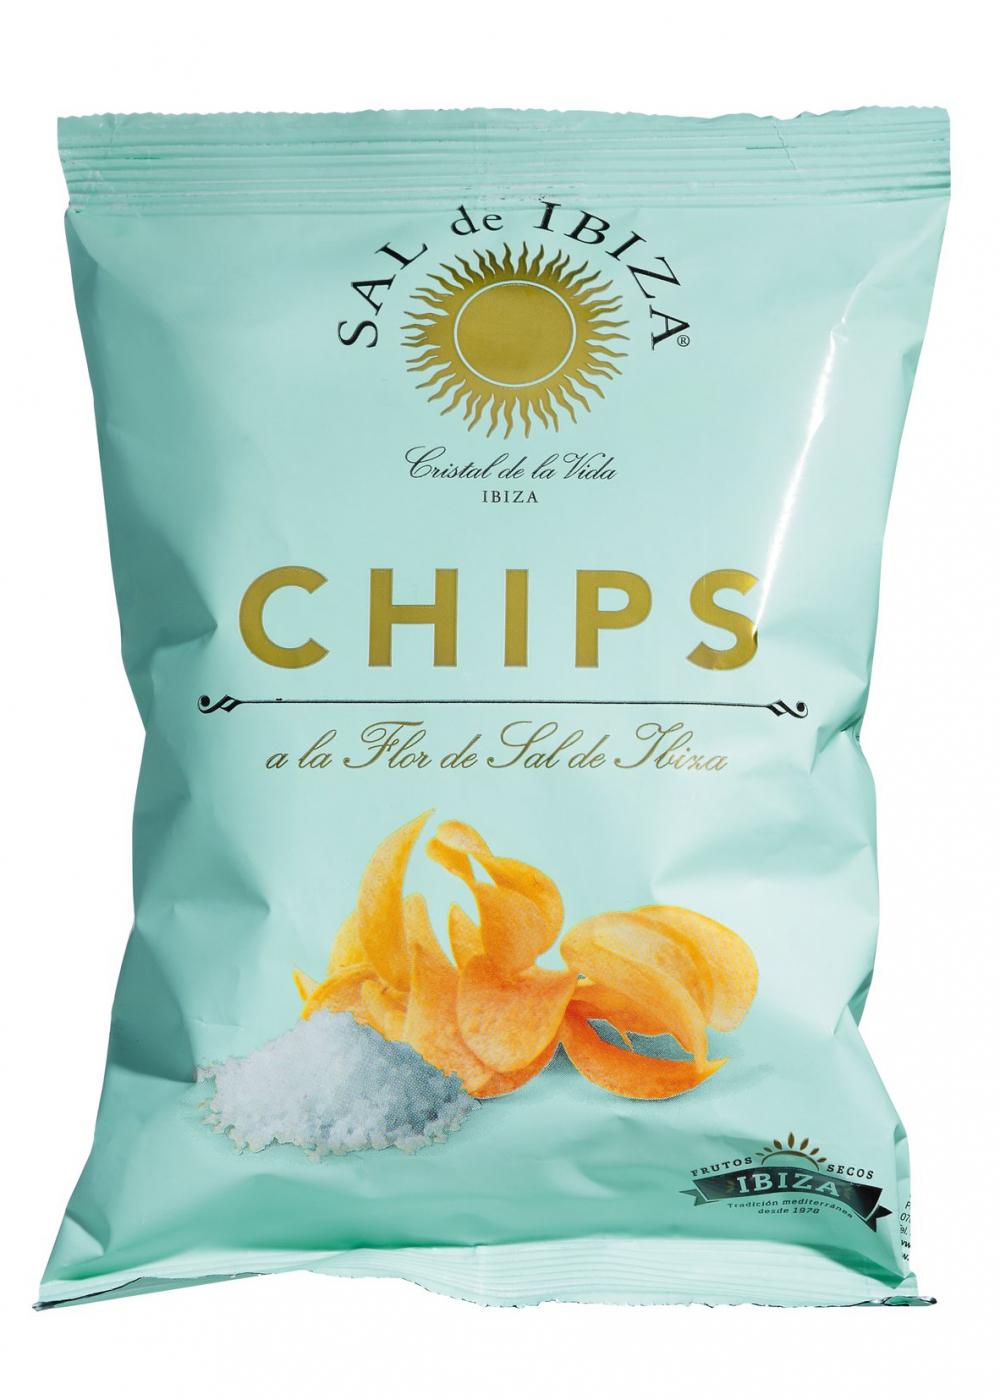 Sal de ibiza Chips a la Flor de Sal de Ibiza 45g Beutel